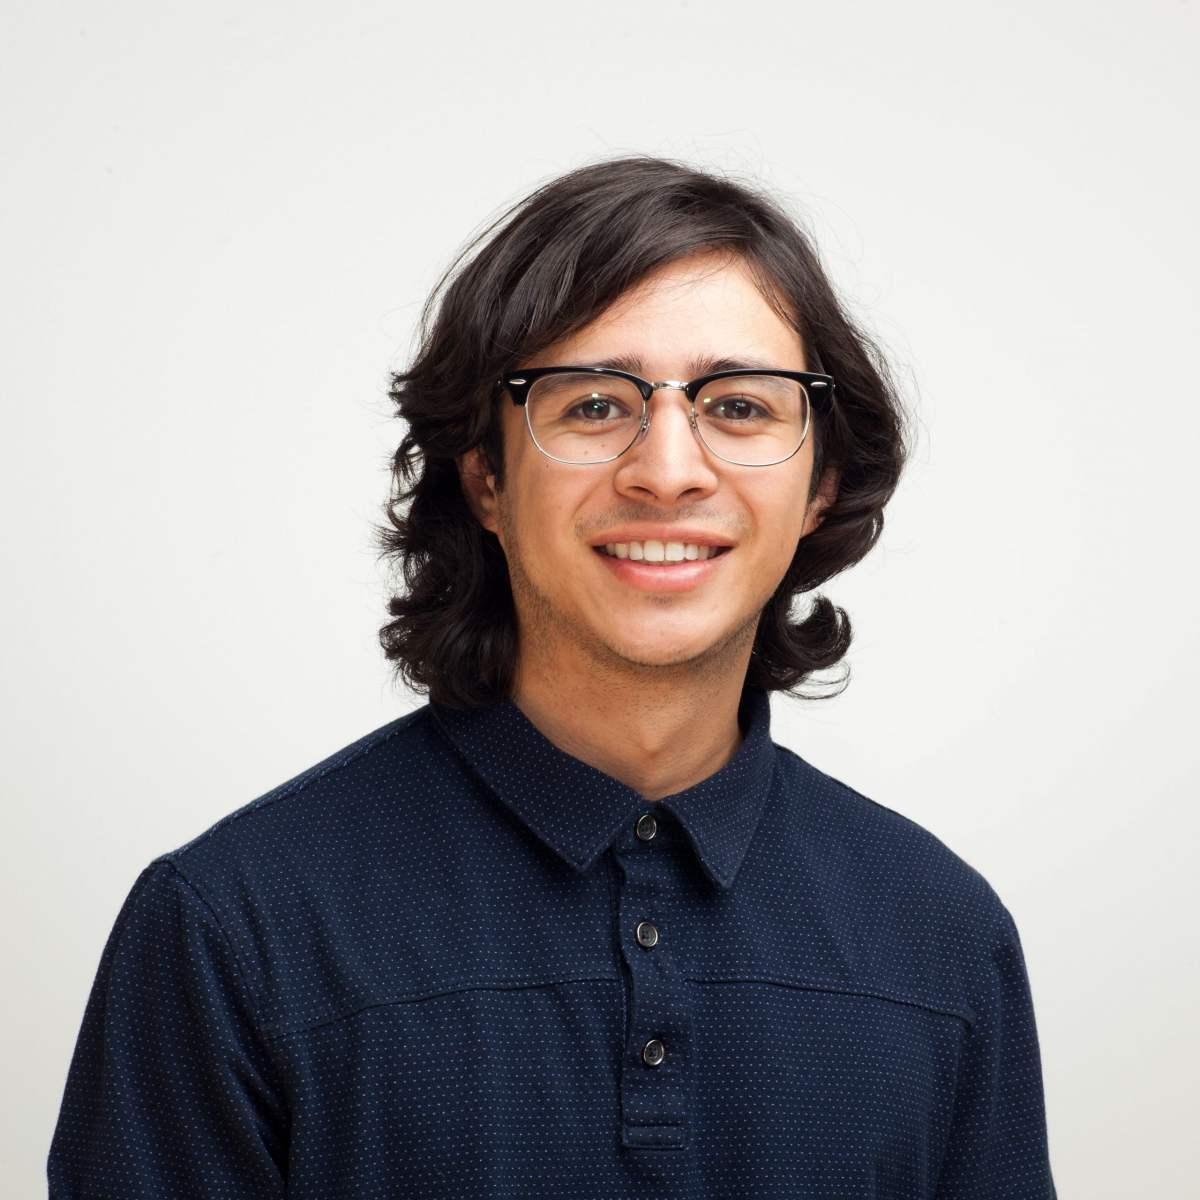 Nathan Carnizales